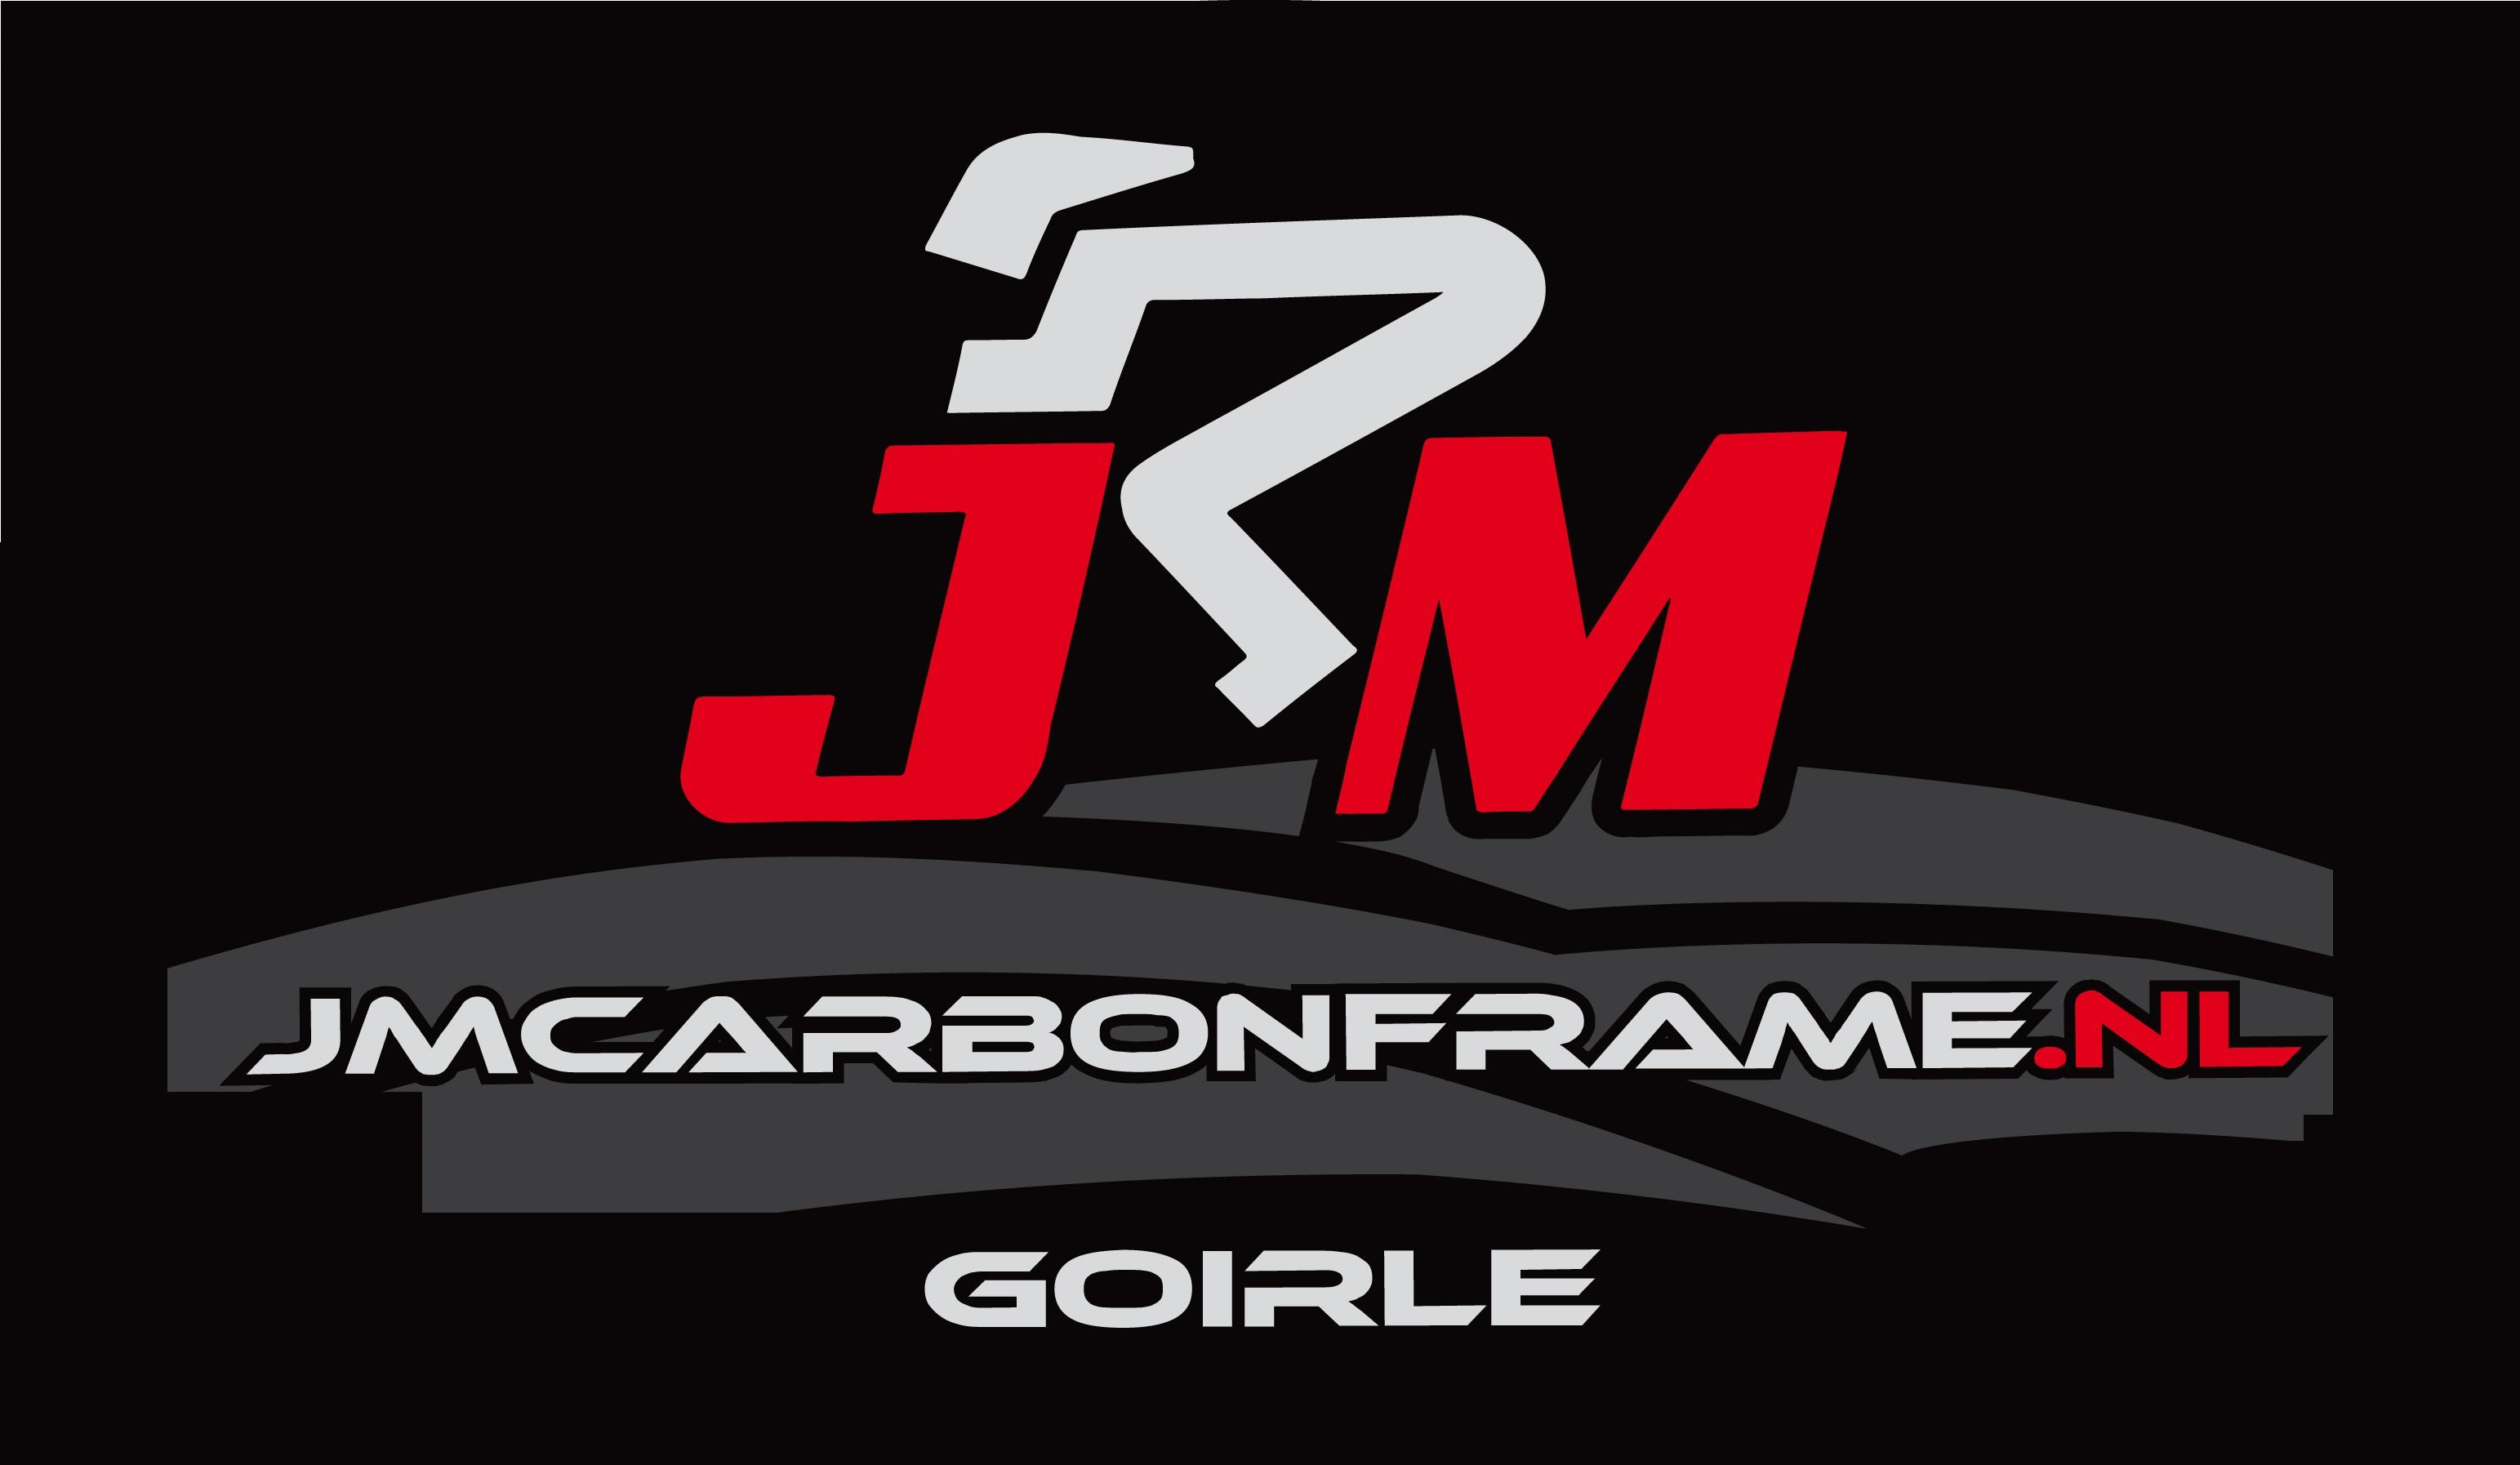 JM CARBONFRAME BV